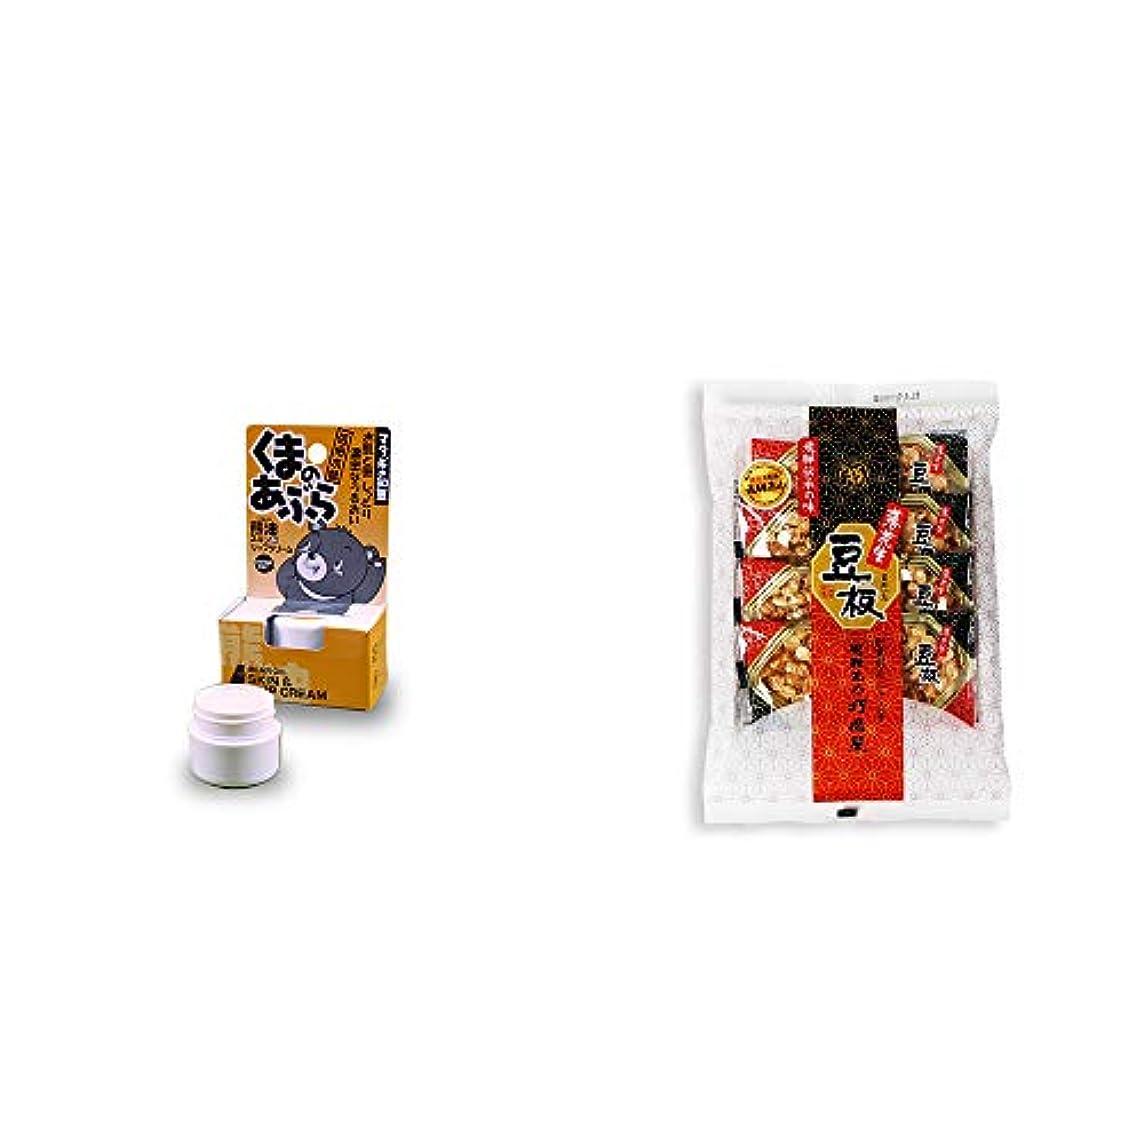 おびえた乳剤審判[2点セット] 信州木曽 くまのあぶら 熊油スキン&リップクリーム(9g)?飛騨銘菓「打保屋」の駄菓子 豆板(8枚入)